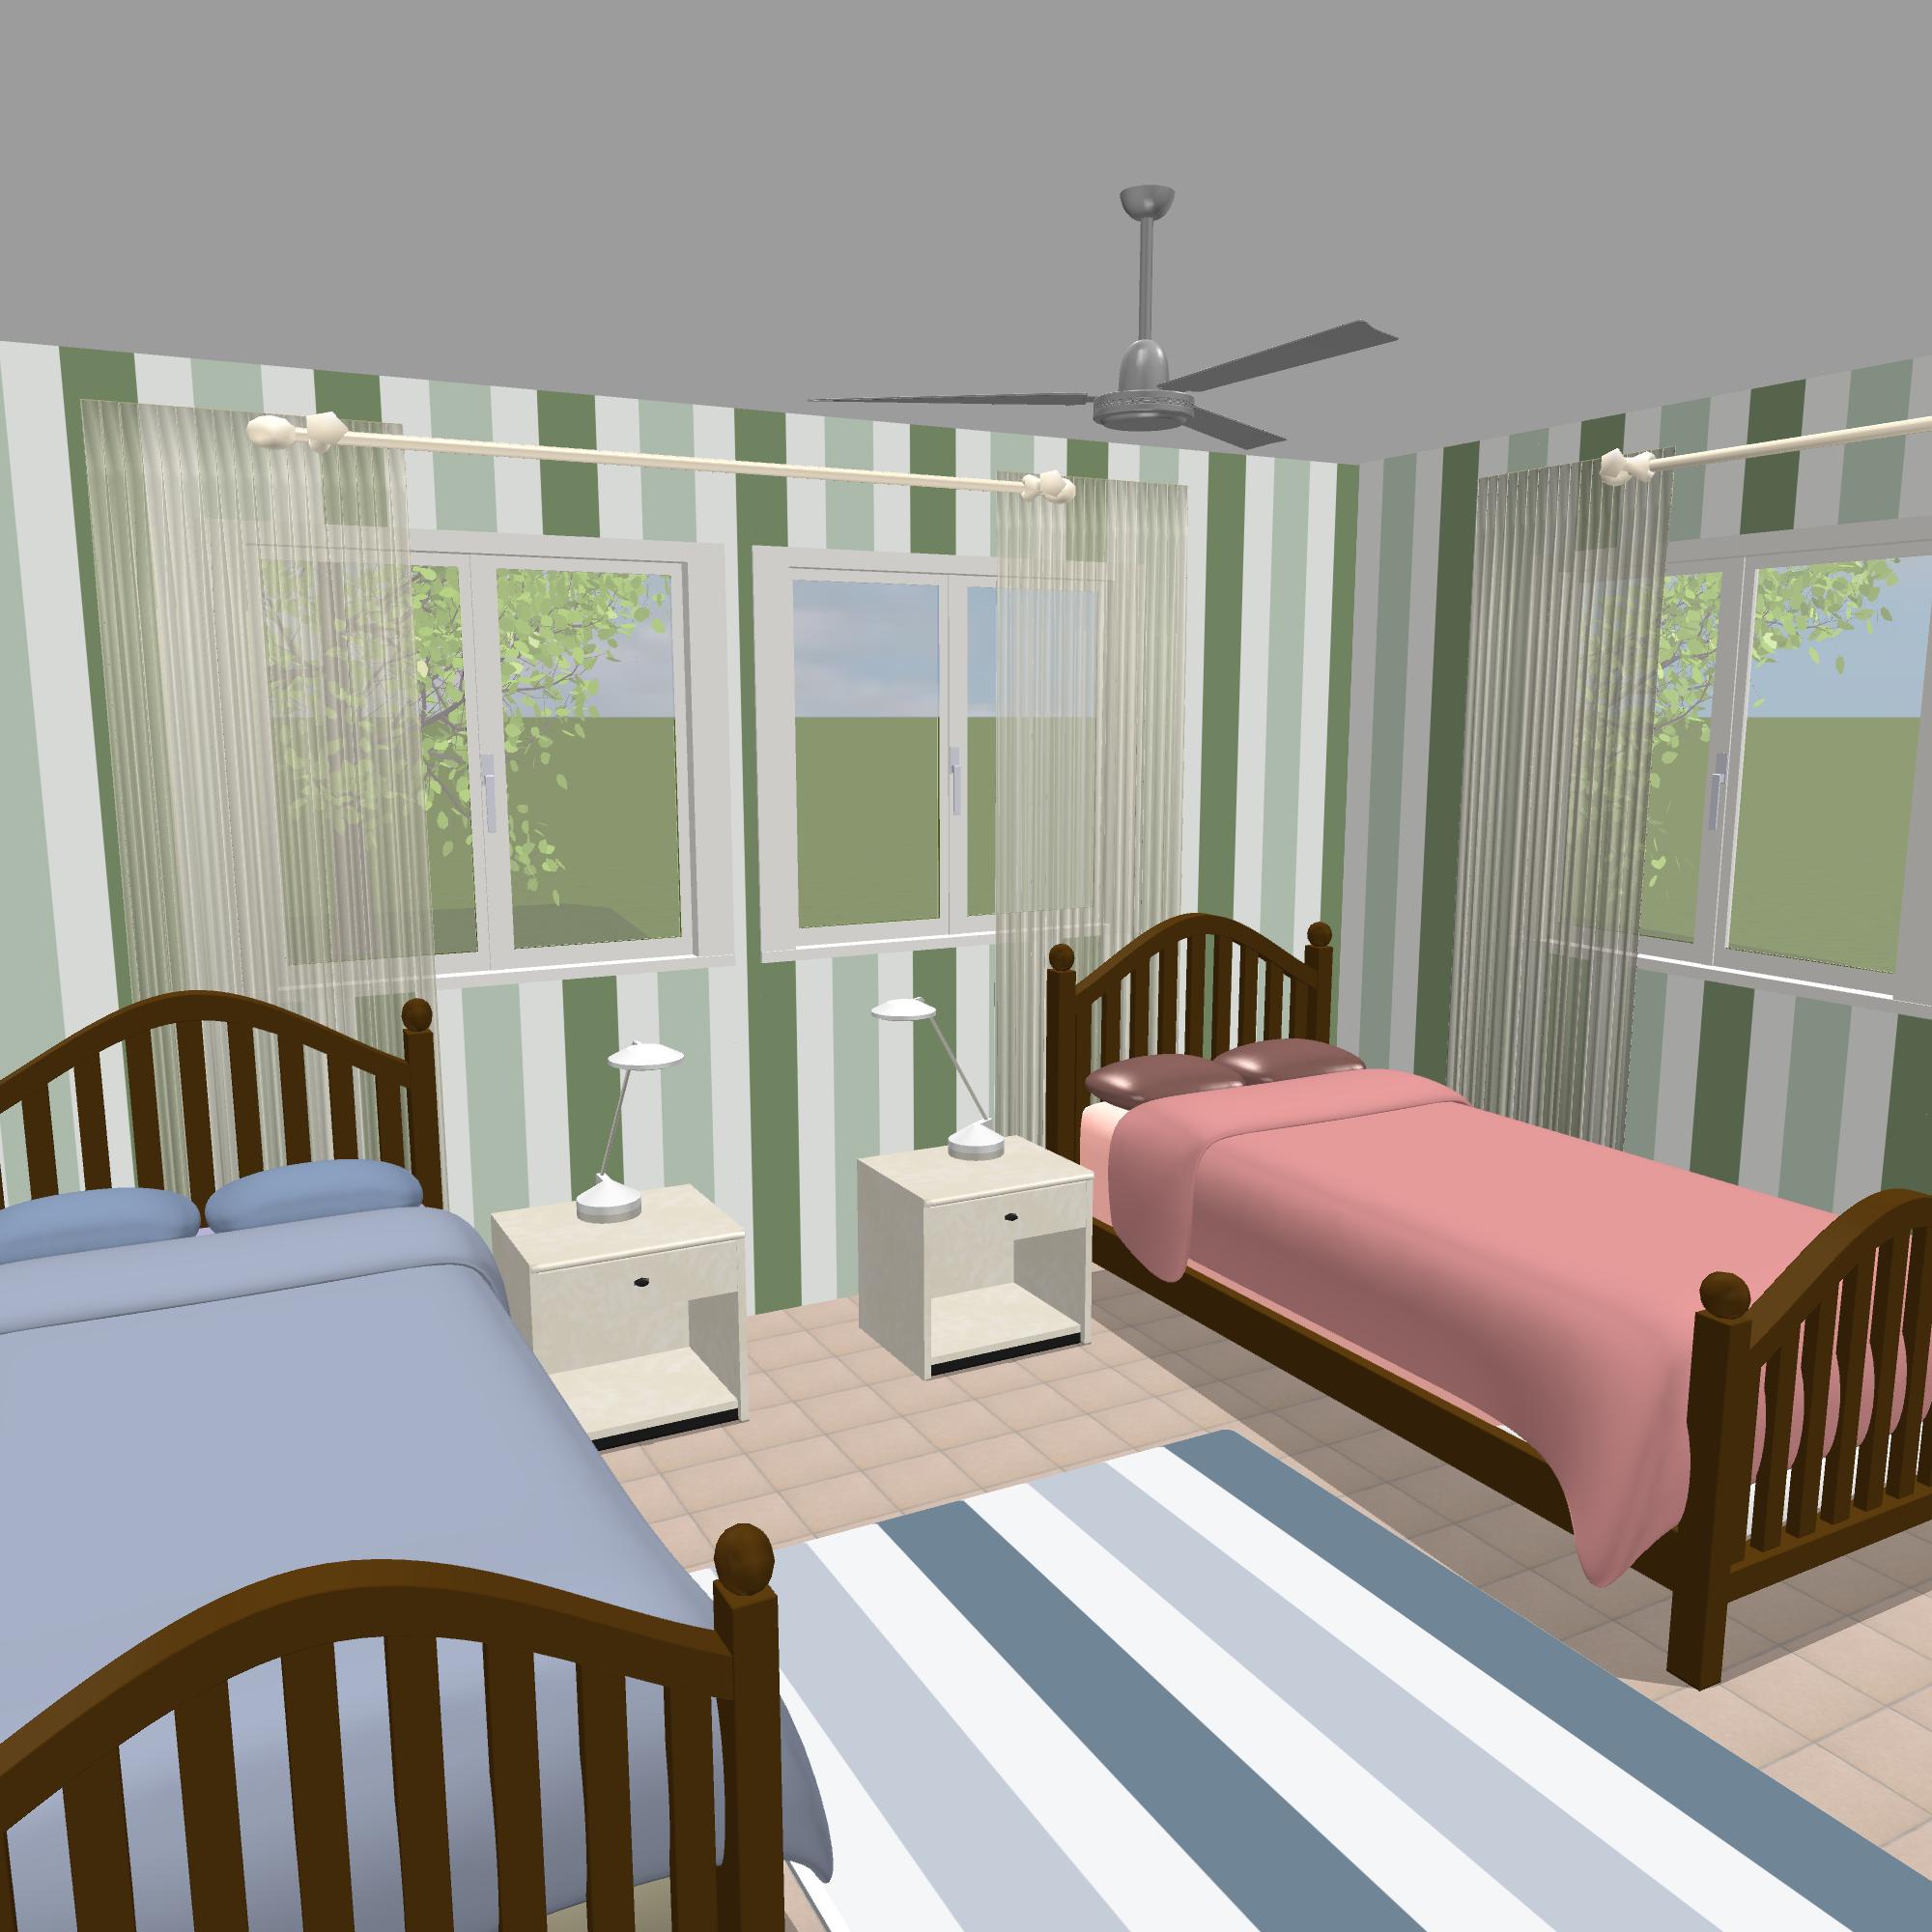 130sqm_bedroom 2.png